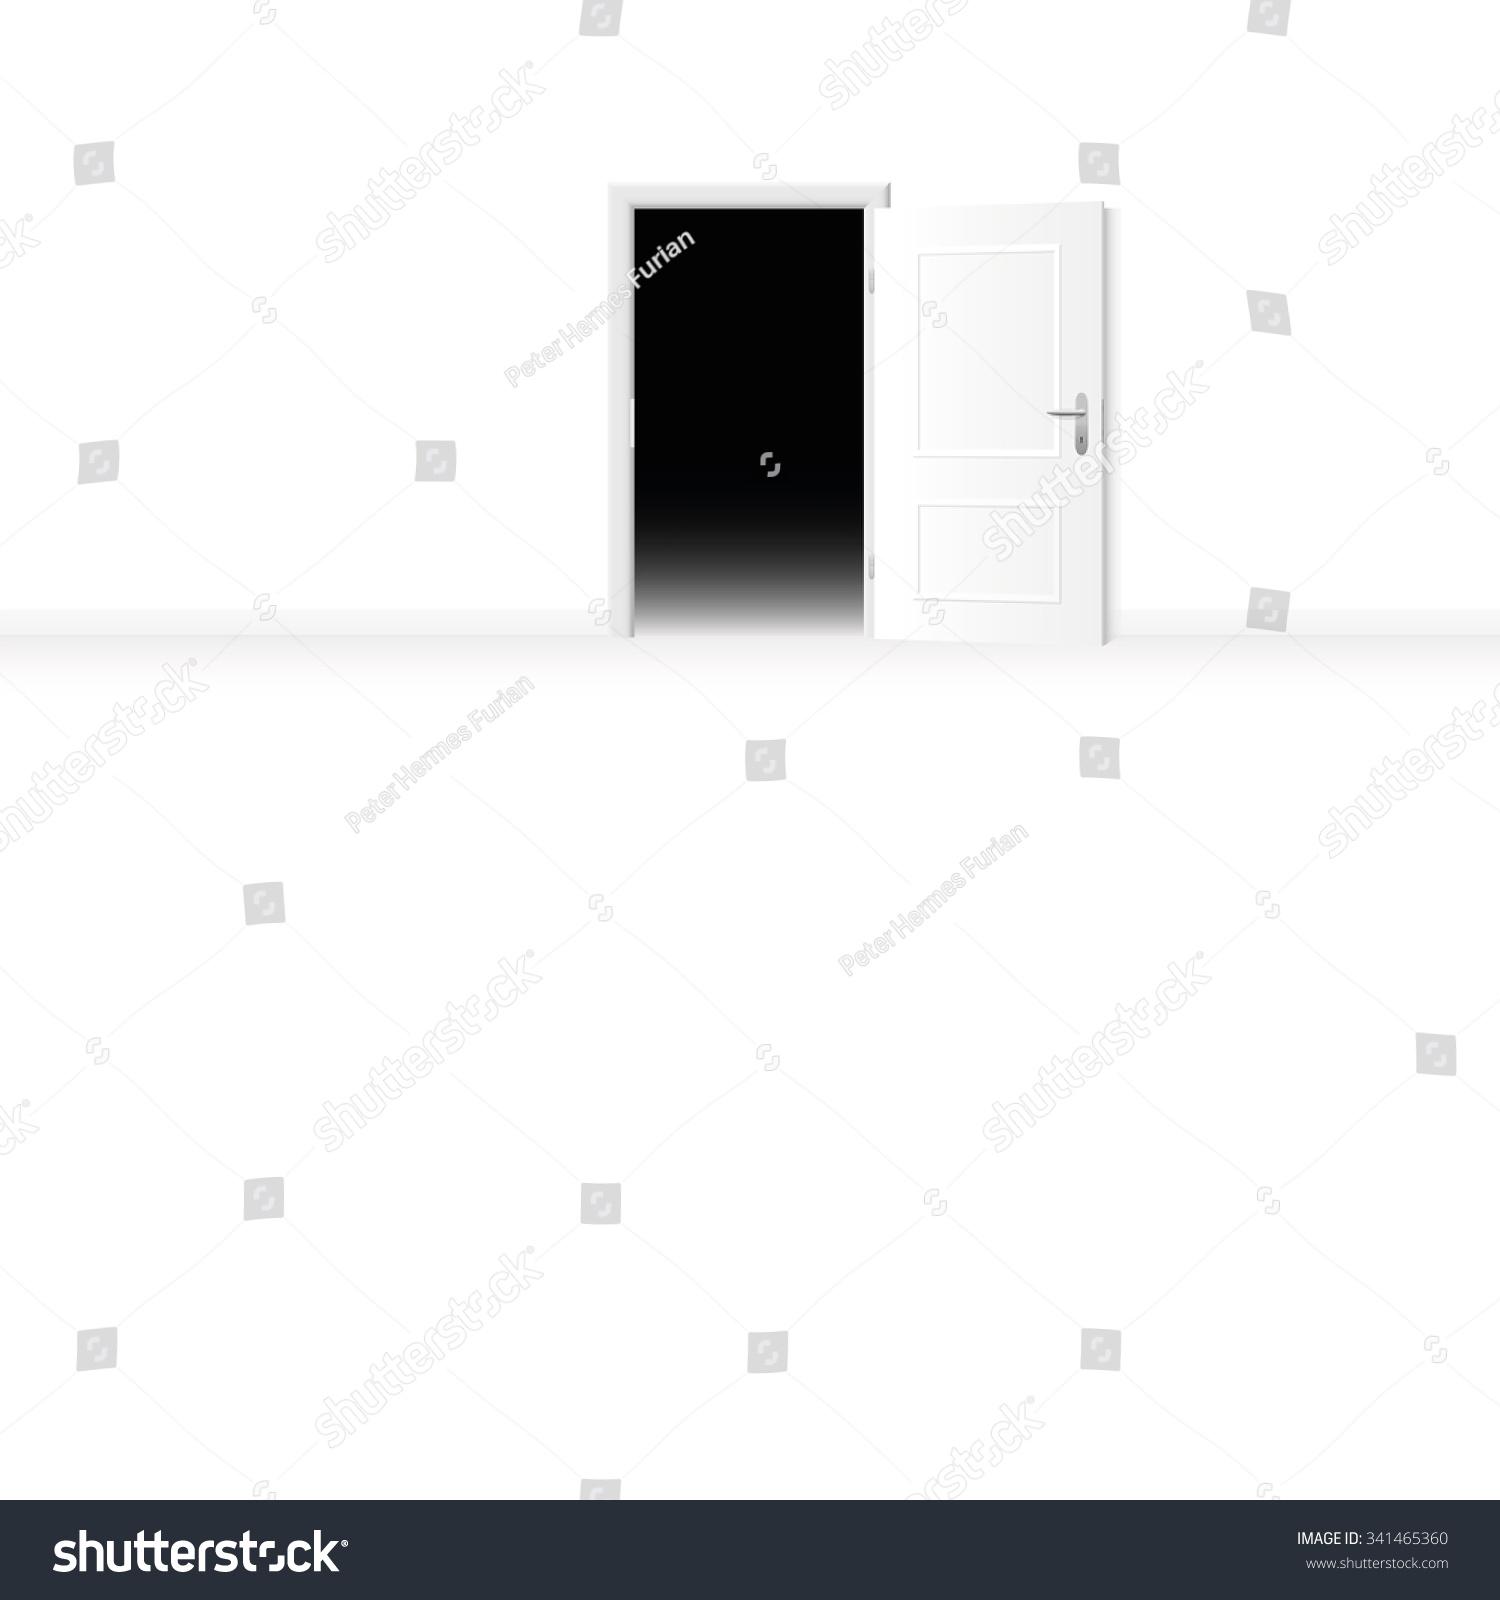 Open Door Dark Room open door bright room dark room stock vector 341465360 - shutterstock